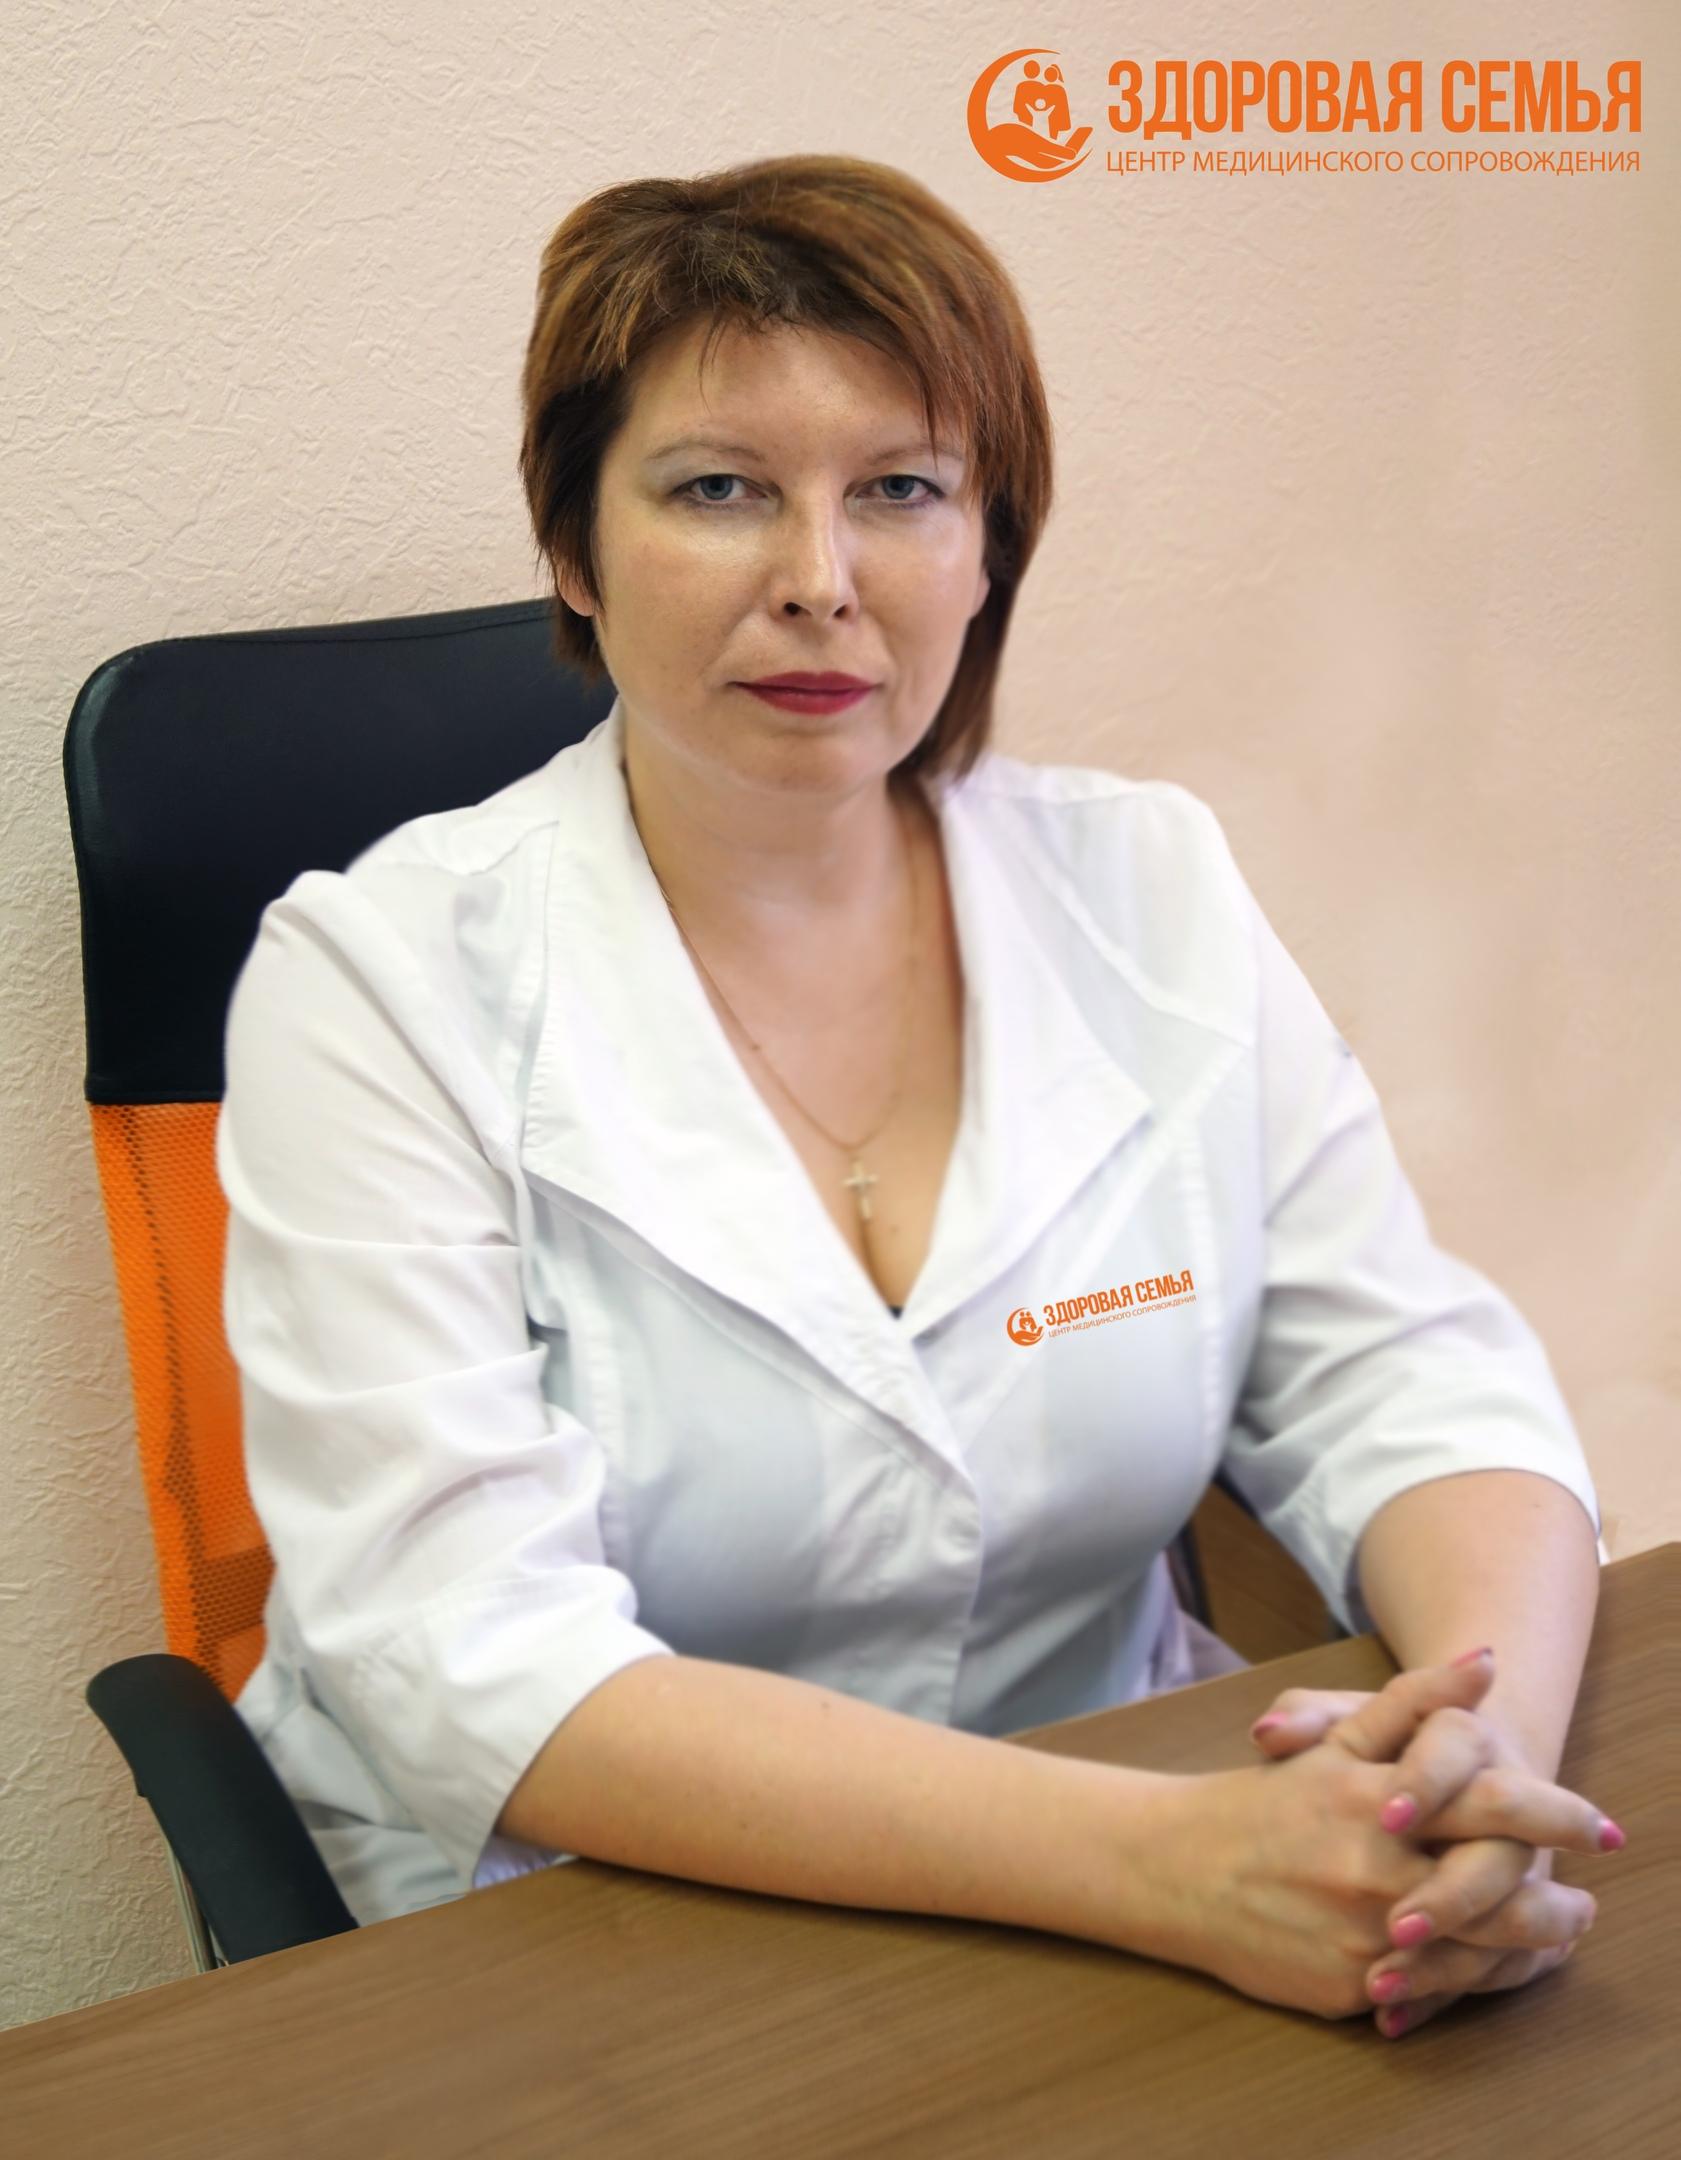 Главный врач Здоровая семья